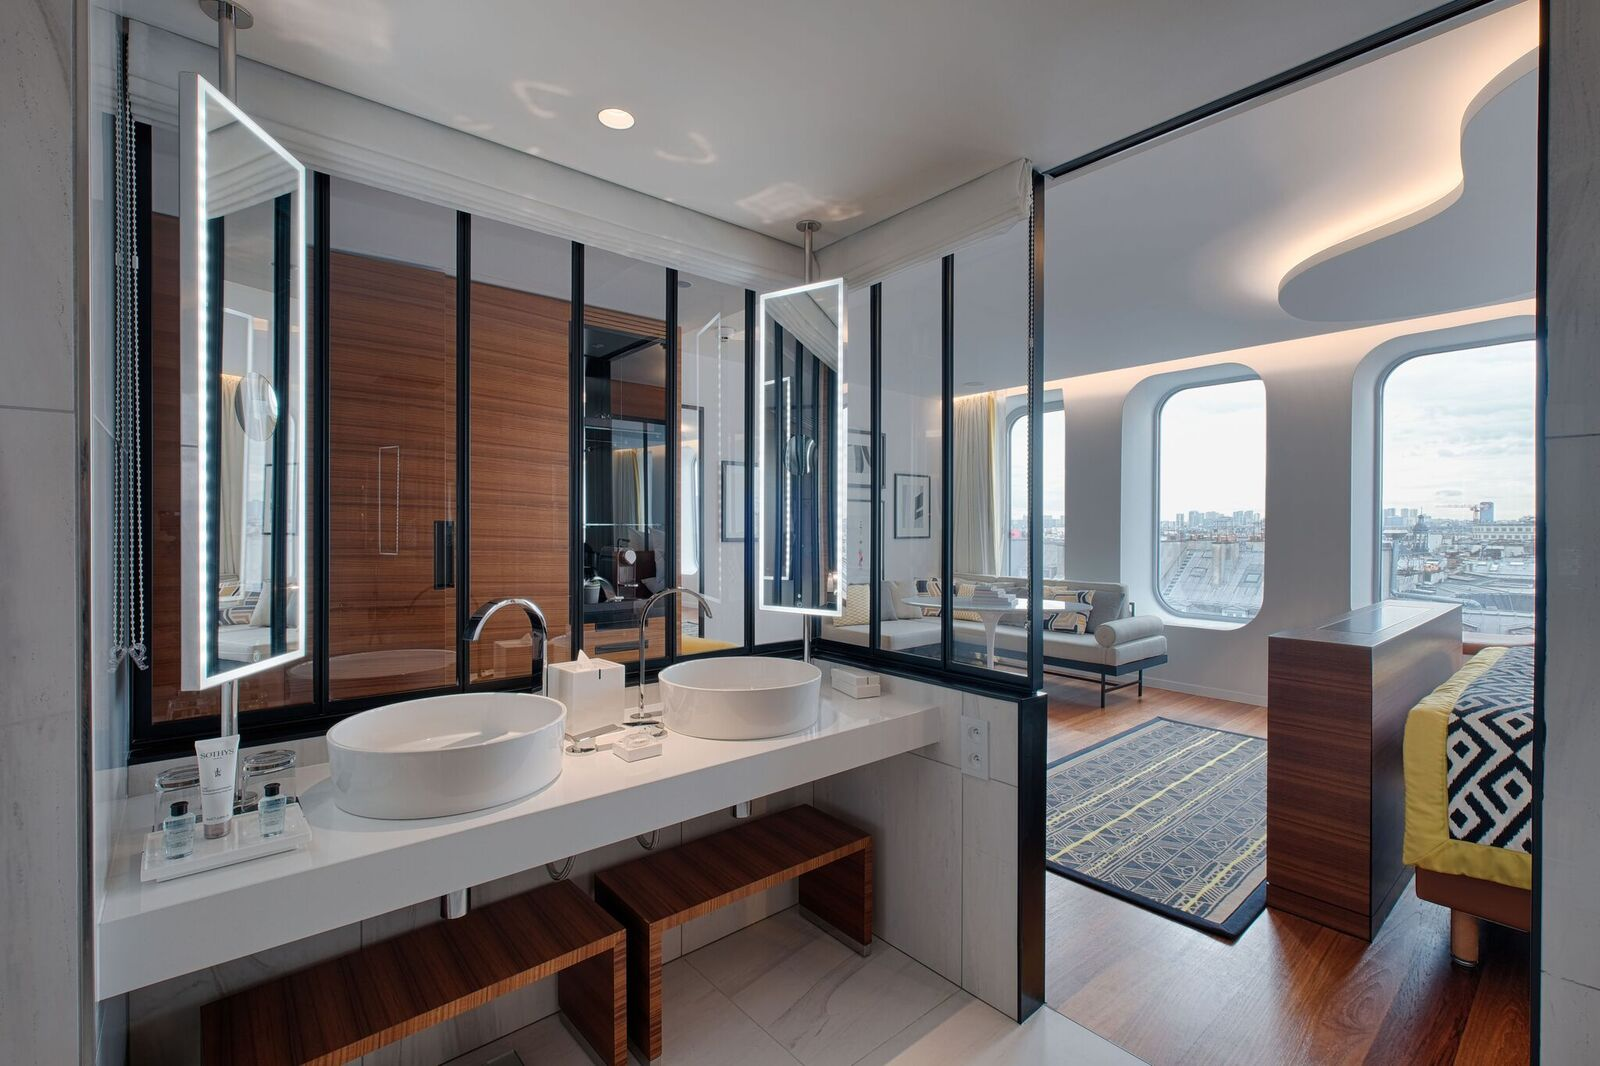 h tel renaissance paris r publique. Black Bedroom Furniture Sets. Home Design Ideas